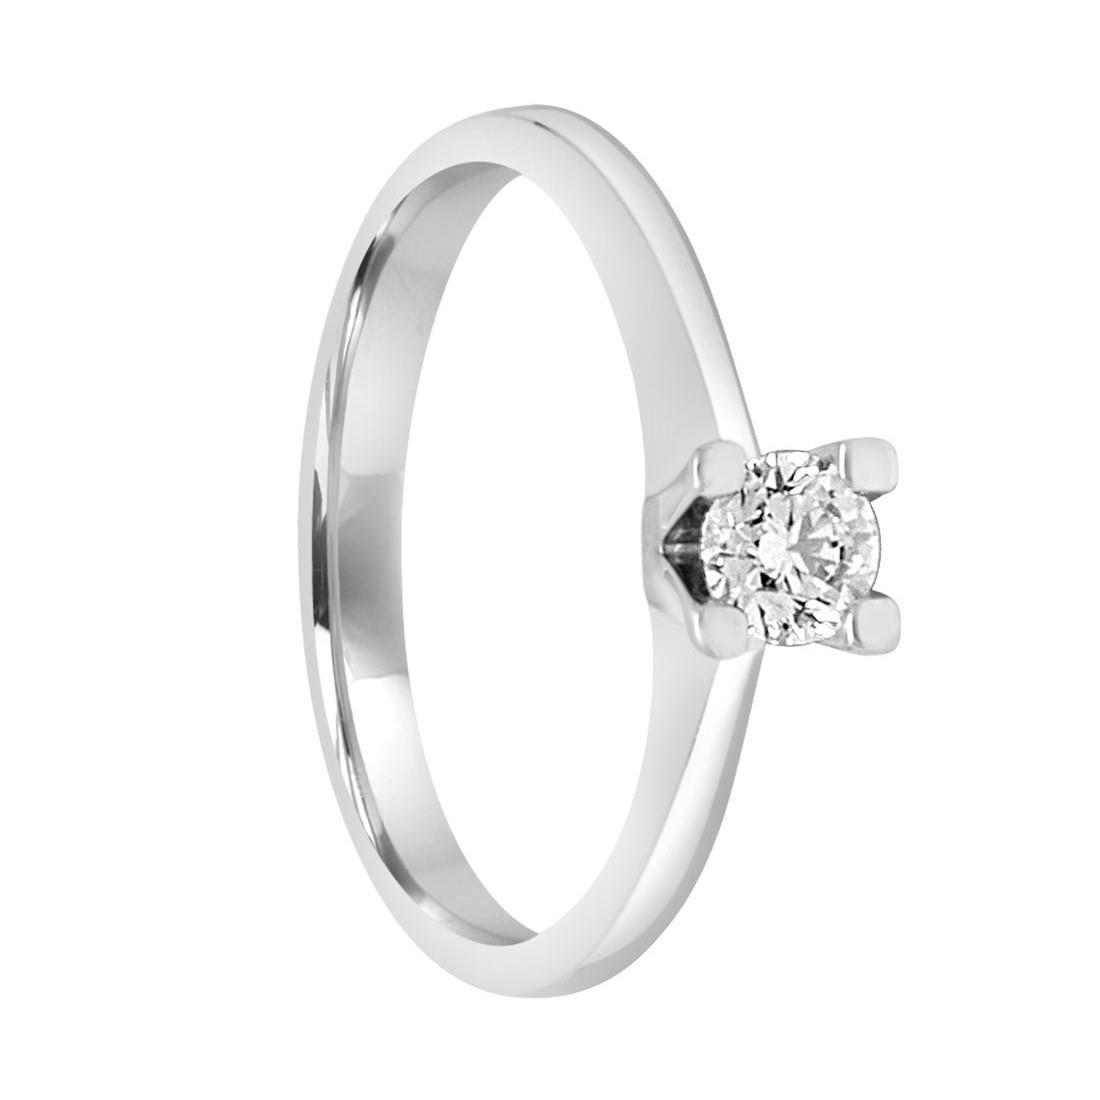 Anello solitario in oro bianco con diamante 0.30 ct mis 14 - ALFIERI ST JOHN